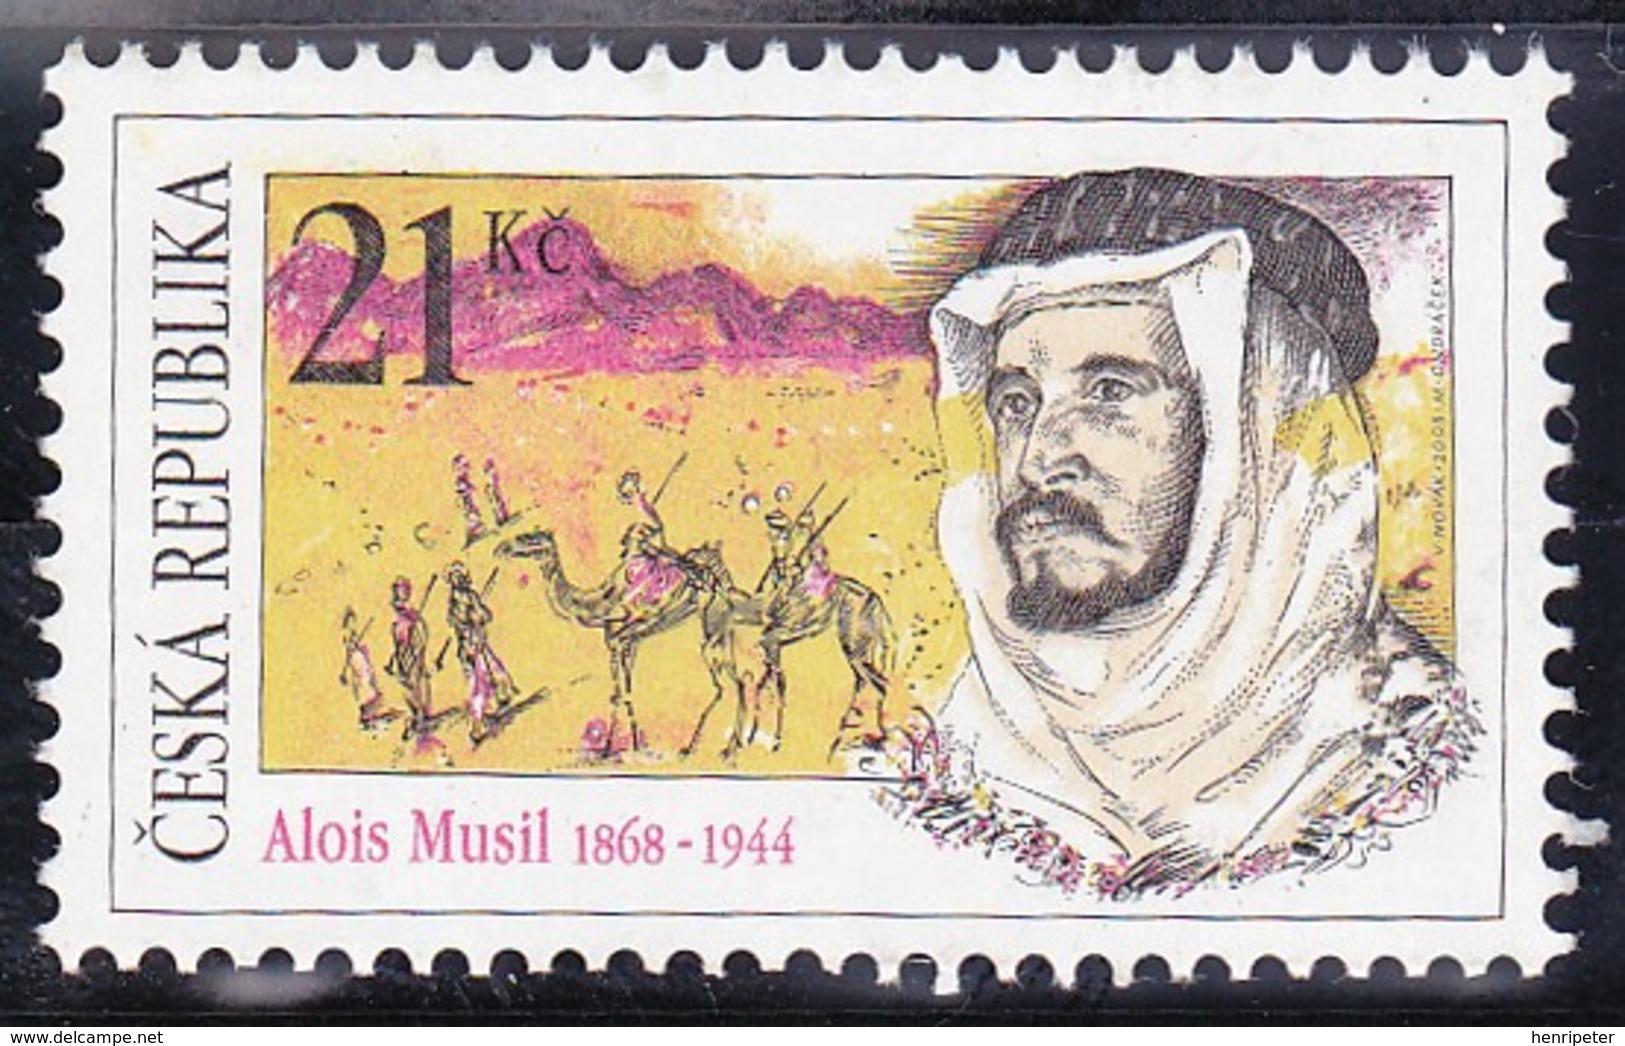 T.-P. Gommé Neuf** - 140ème Anniversaire De La Naissance De L'explorateur Alois Musil - N° 567 (Michel) - Tchèquie 2008 - Tchéquie